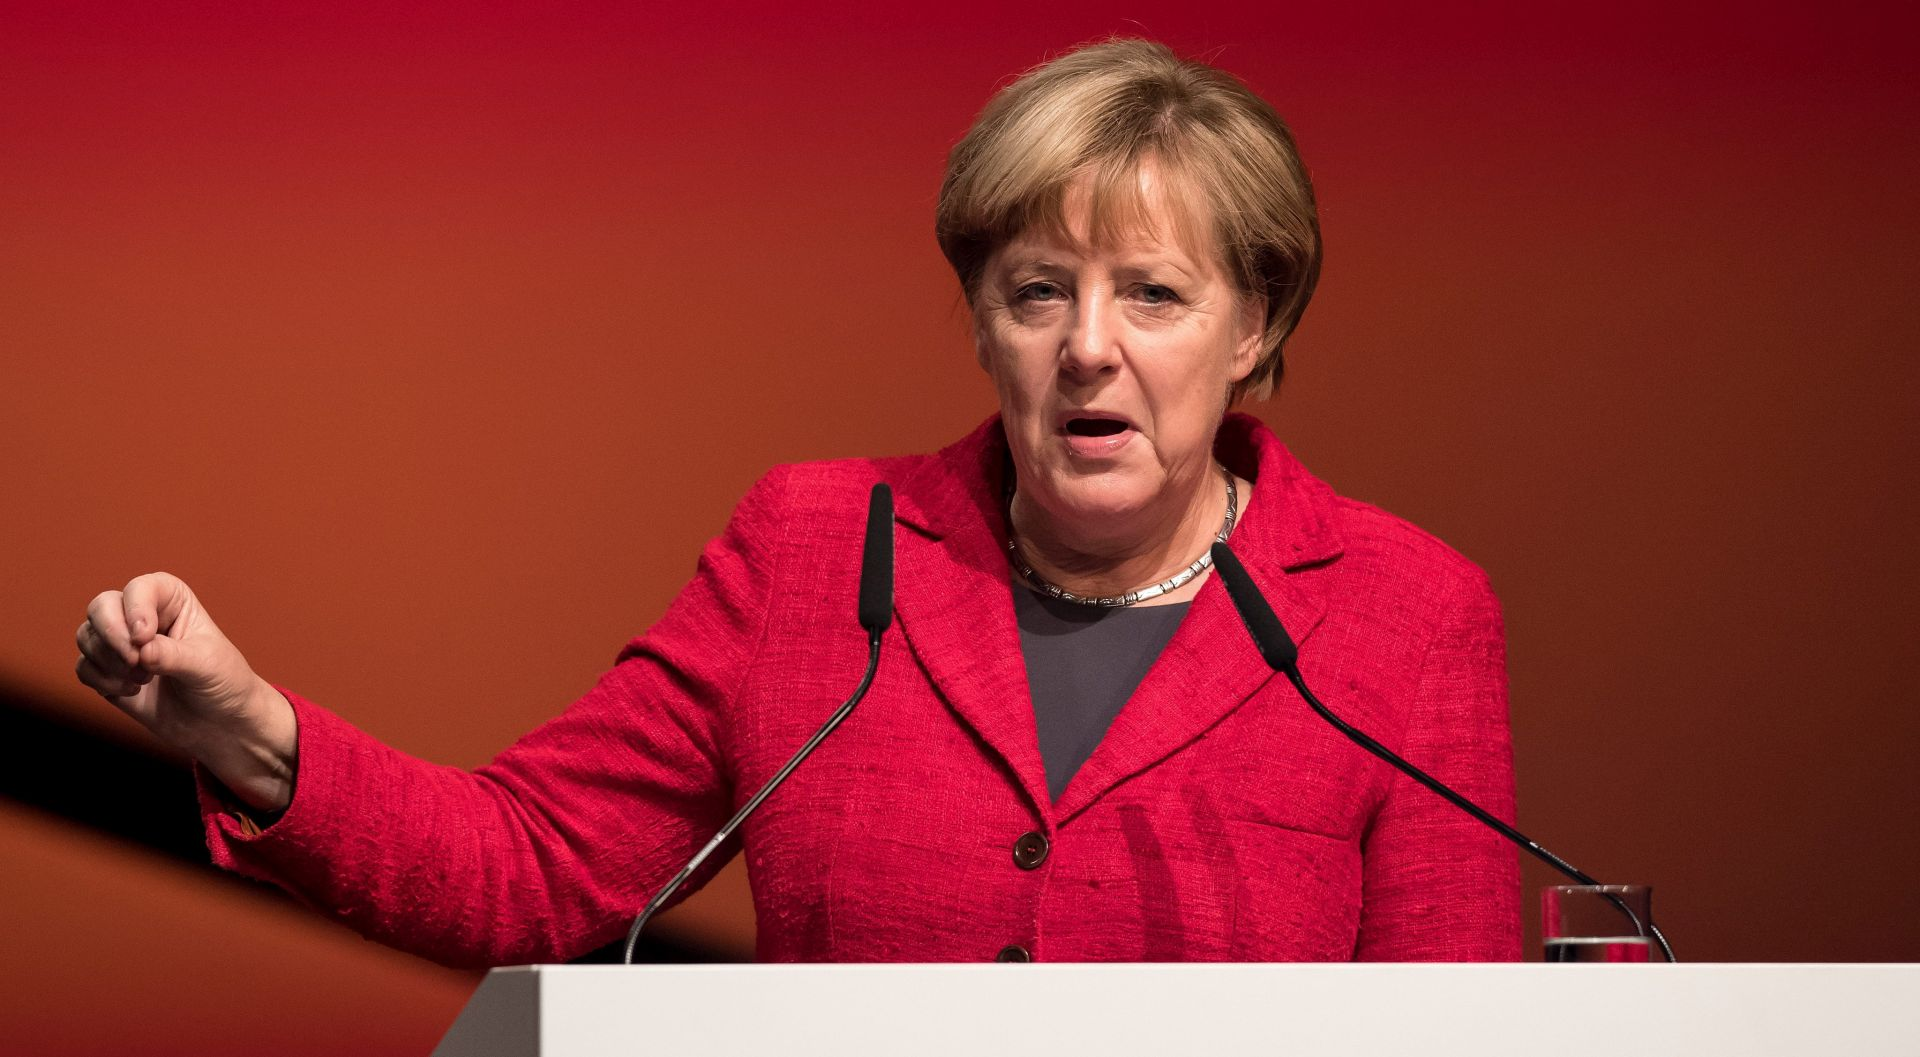 Merkel kaže da Švicarska i Britanija trebaju imati odvojene ugovore o vezama s EU-om